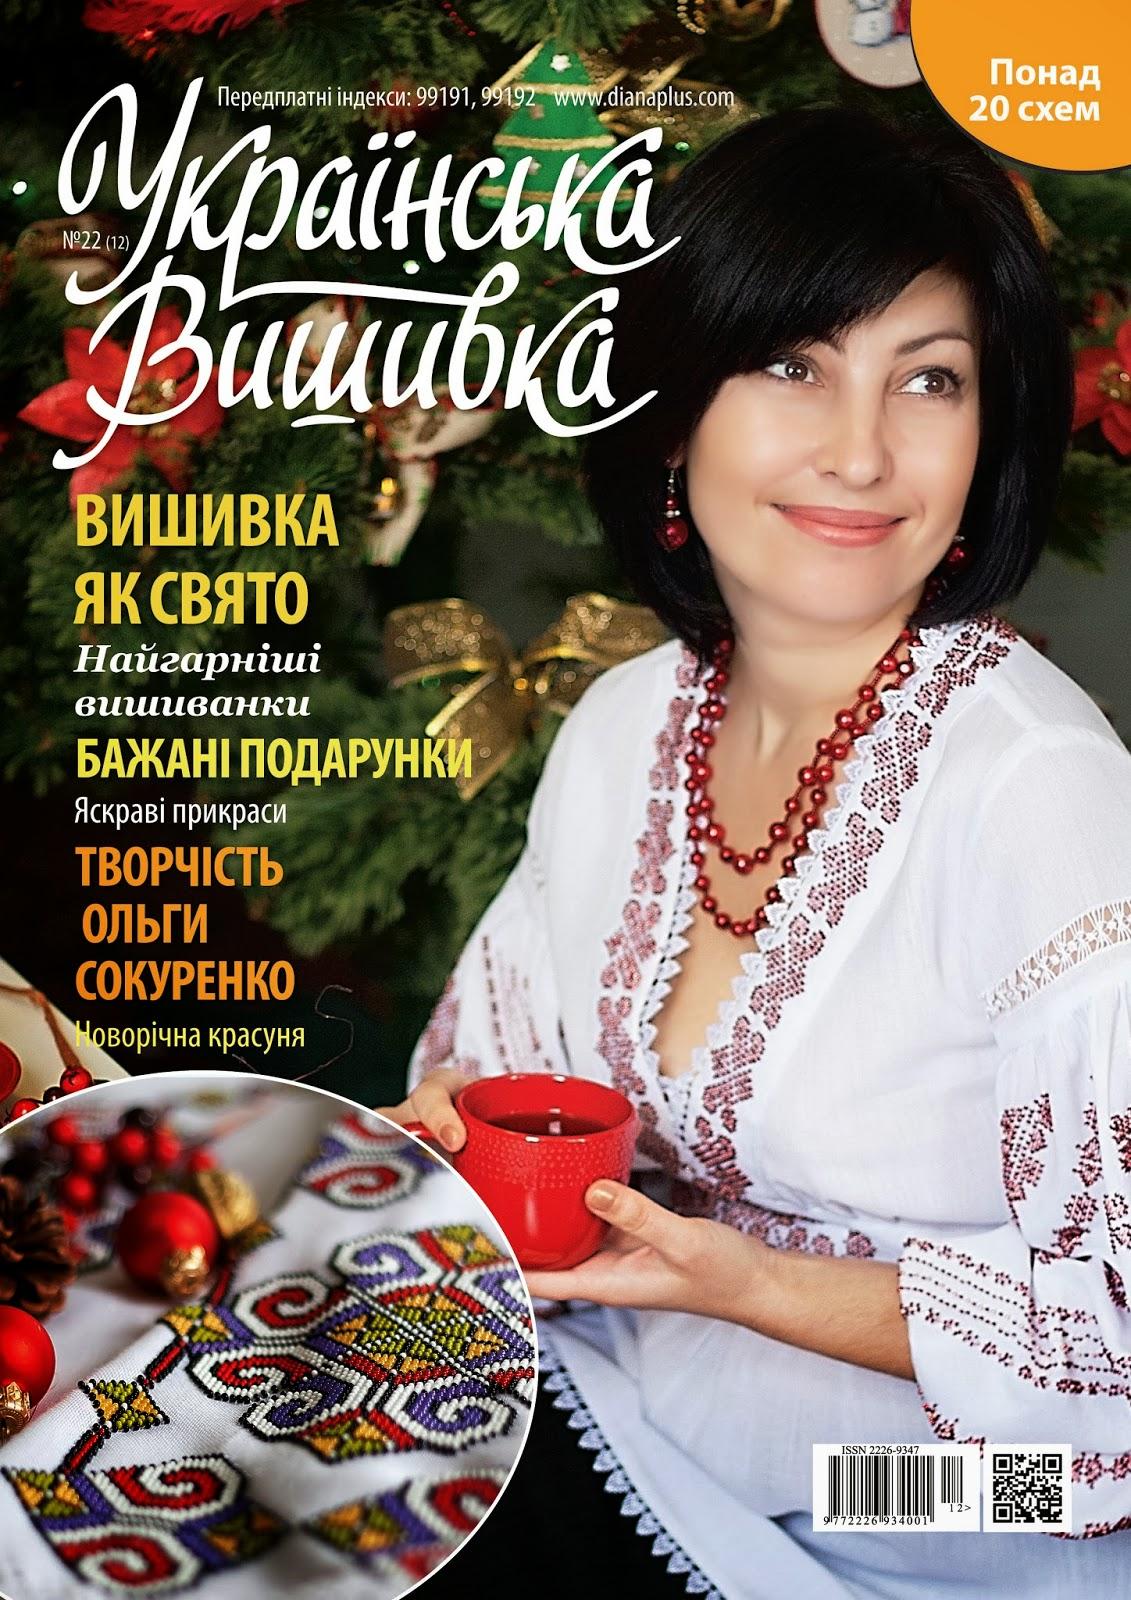 Журнал Украинская вышивка №22(12), Українська Вишивка №22(12)